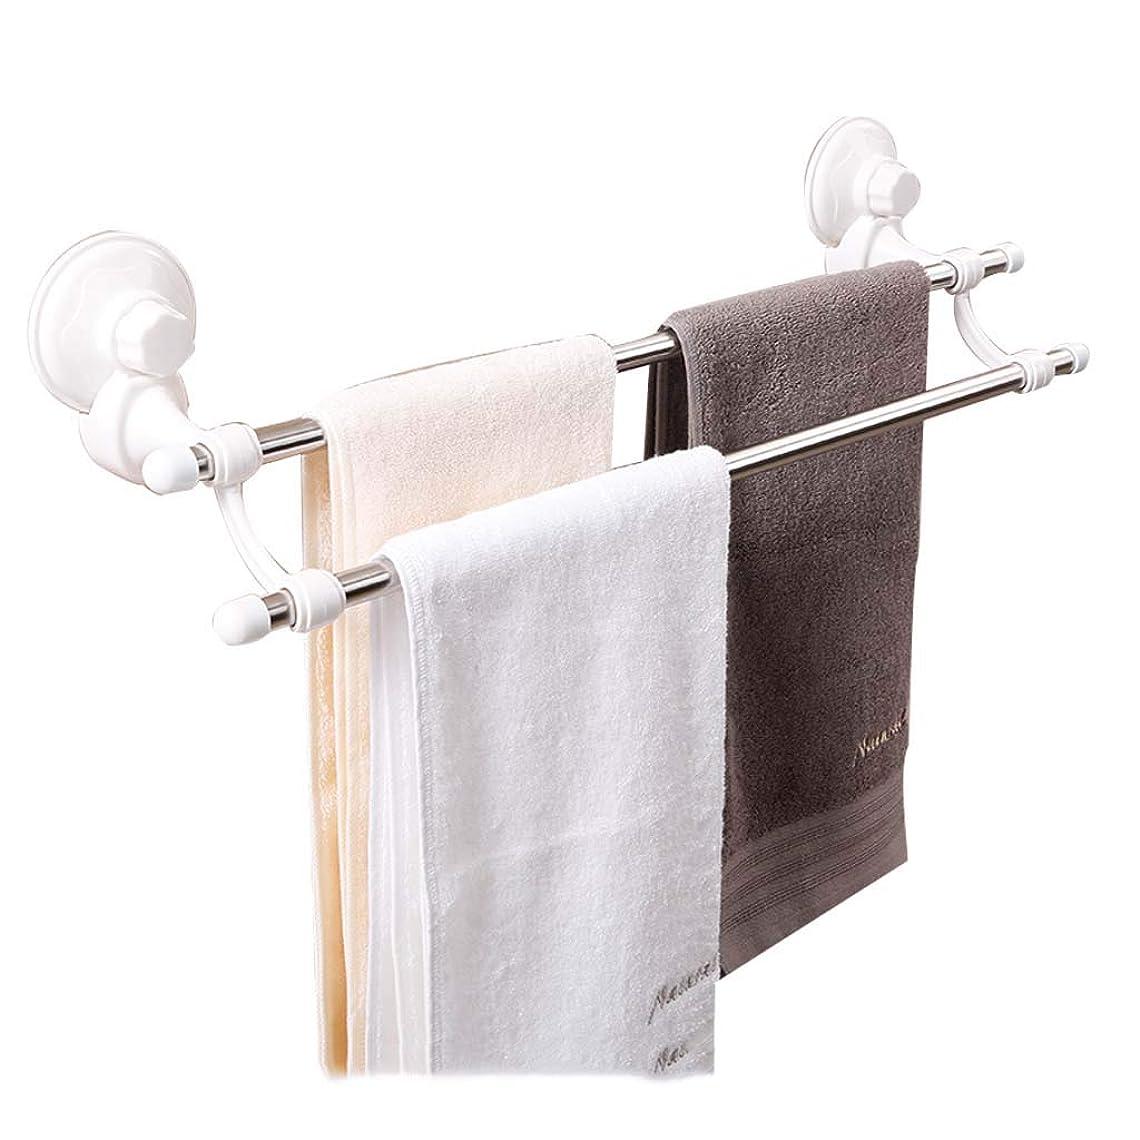 人口密皿JPPQSZS バスルームの棚のタオルラックフック付きタオルバーホルダー浴室のためのサクションカップ付き壁タオルラック多機能 JPPQSZS (色 : 白, サイズ さいず : L-46.5CM)